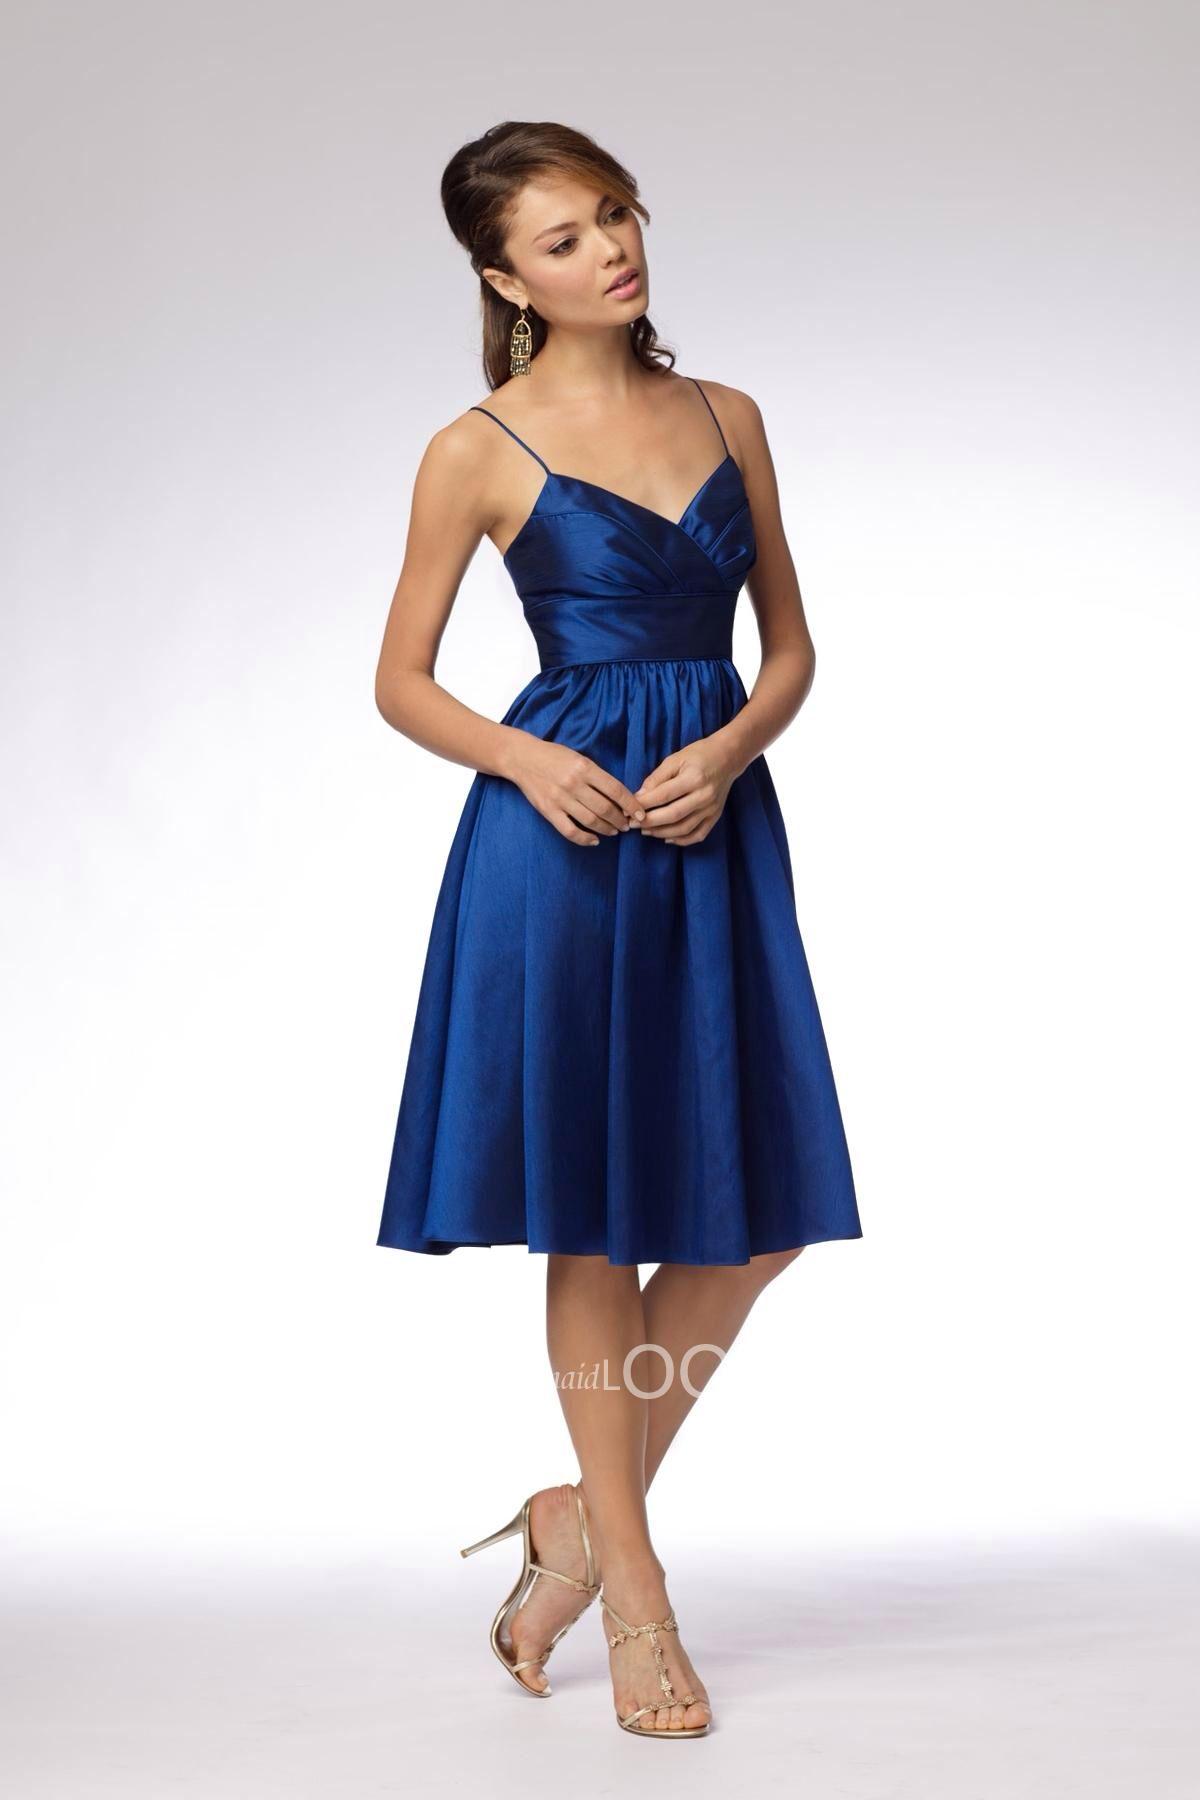 Such a cute short dark blue brides maid dress